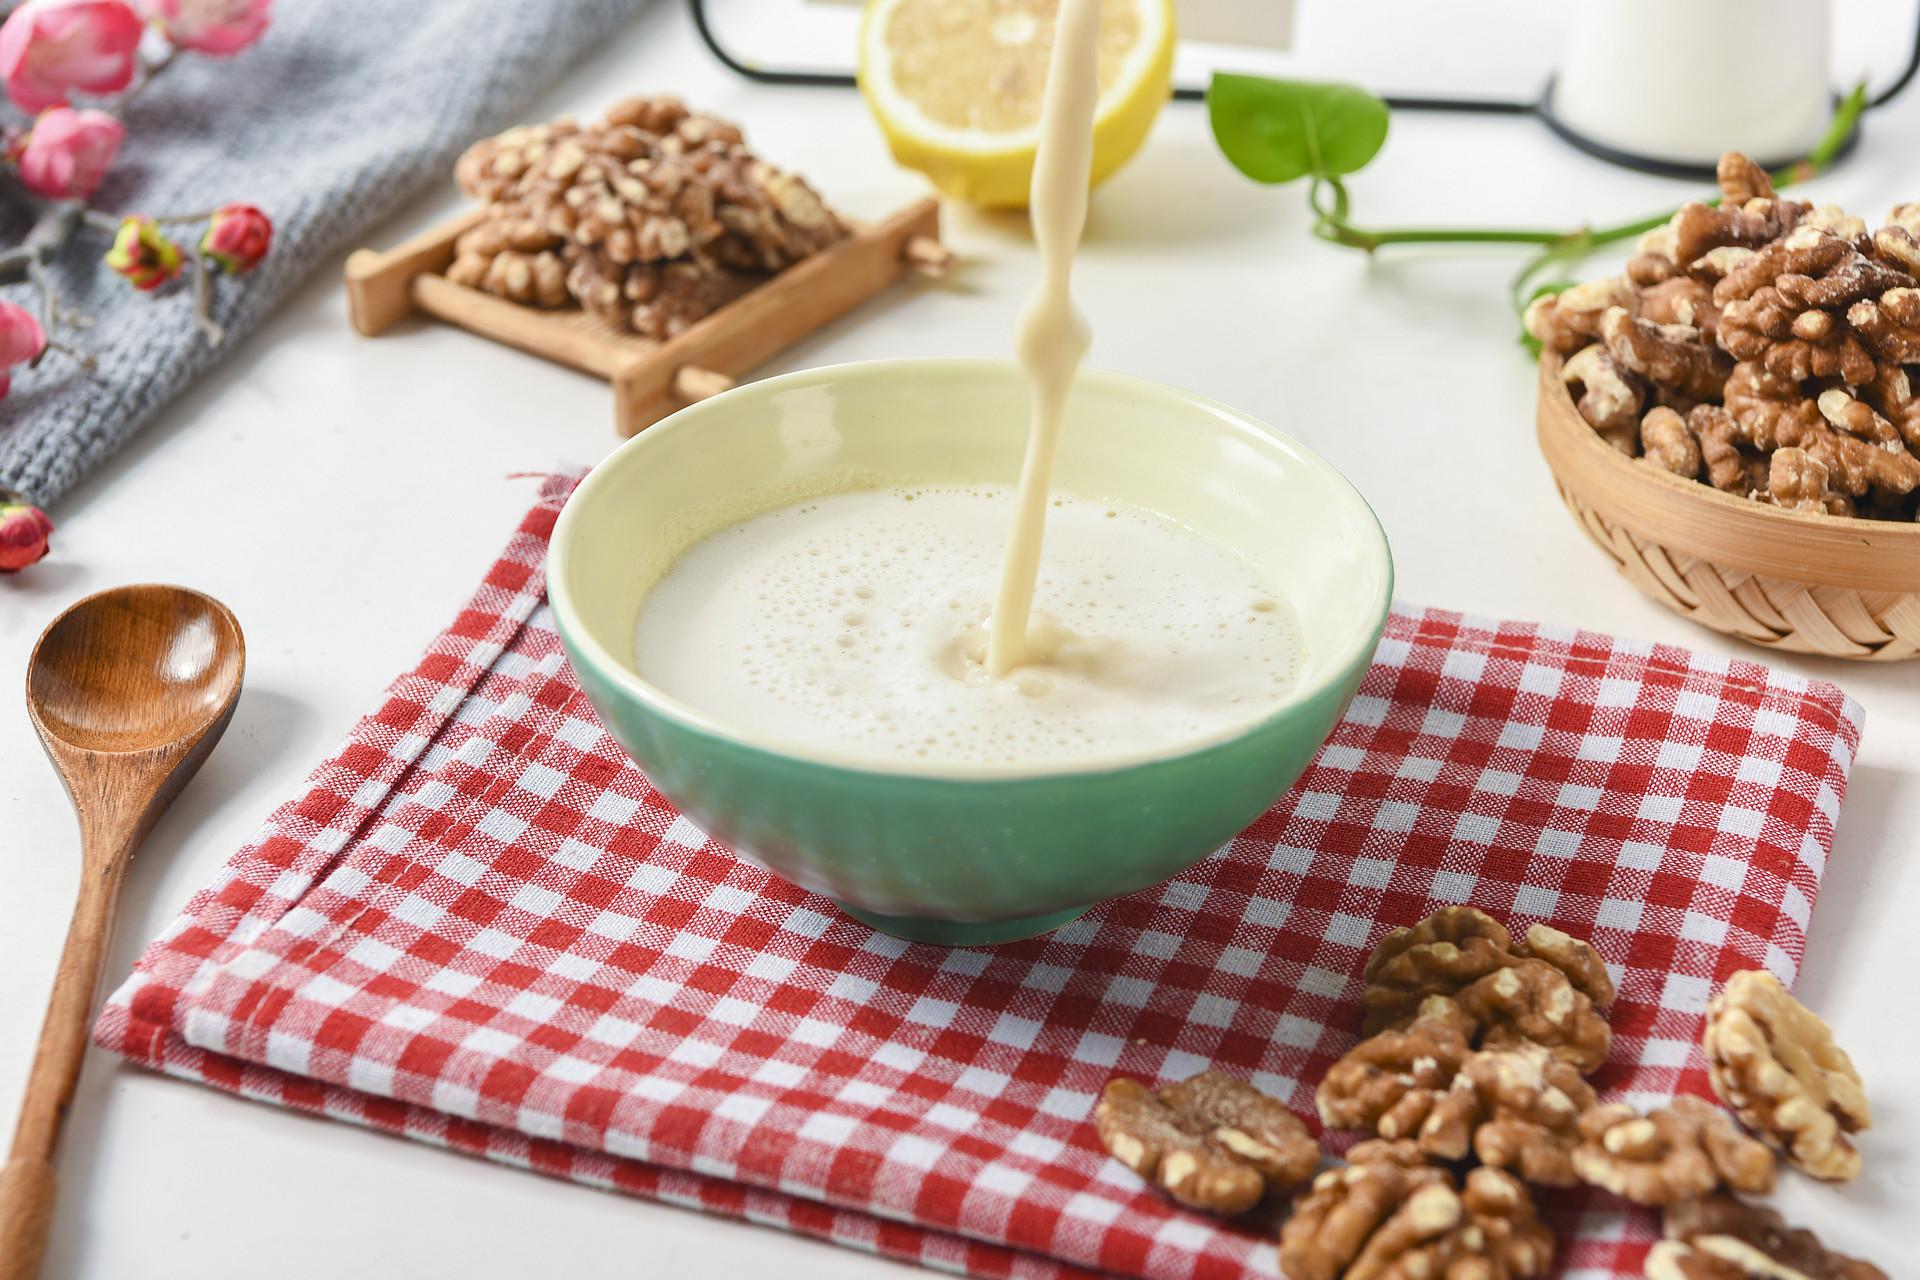 代餐减肥,靠吃就能变瘦?